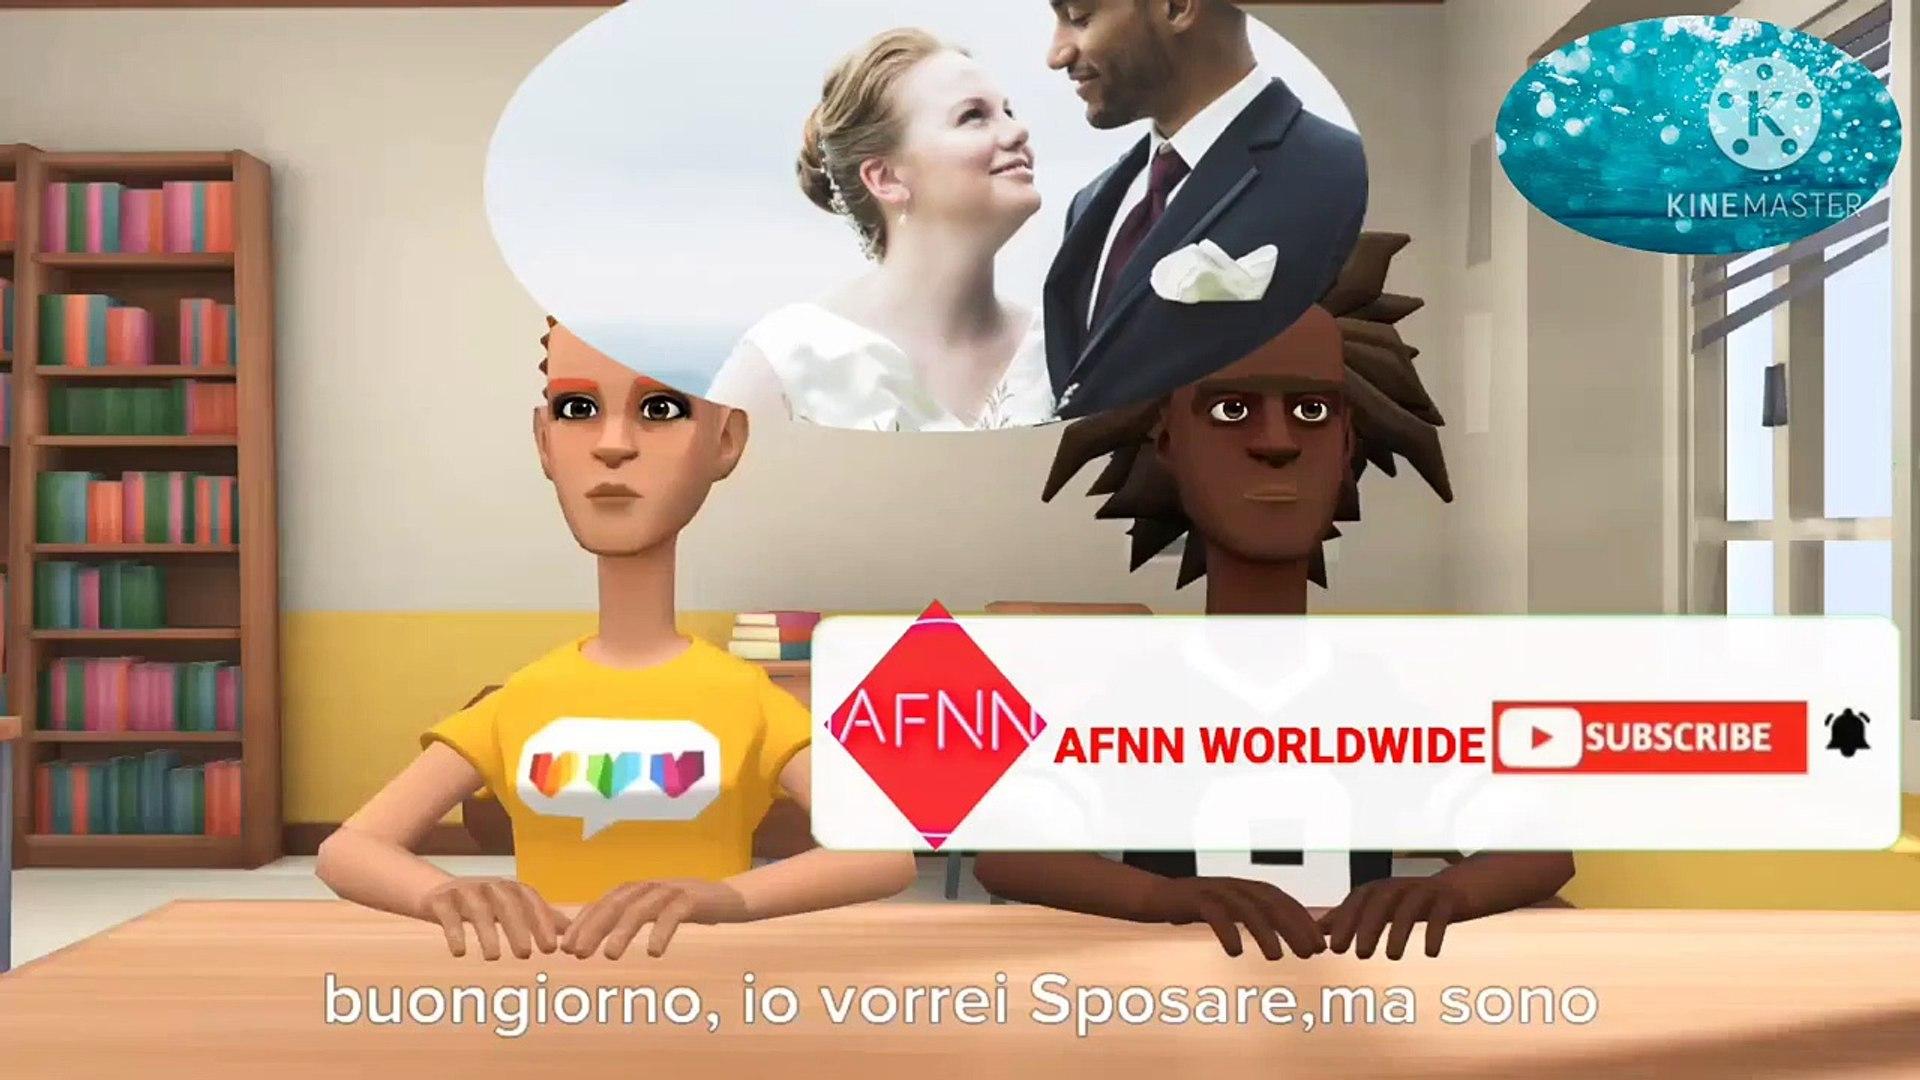 Si Puo Sposarsi In Italia Senza Aver Un Permesso Di Soggiorno 2021 Video Dailymotion